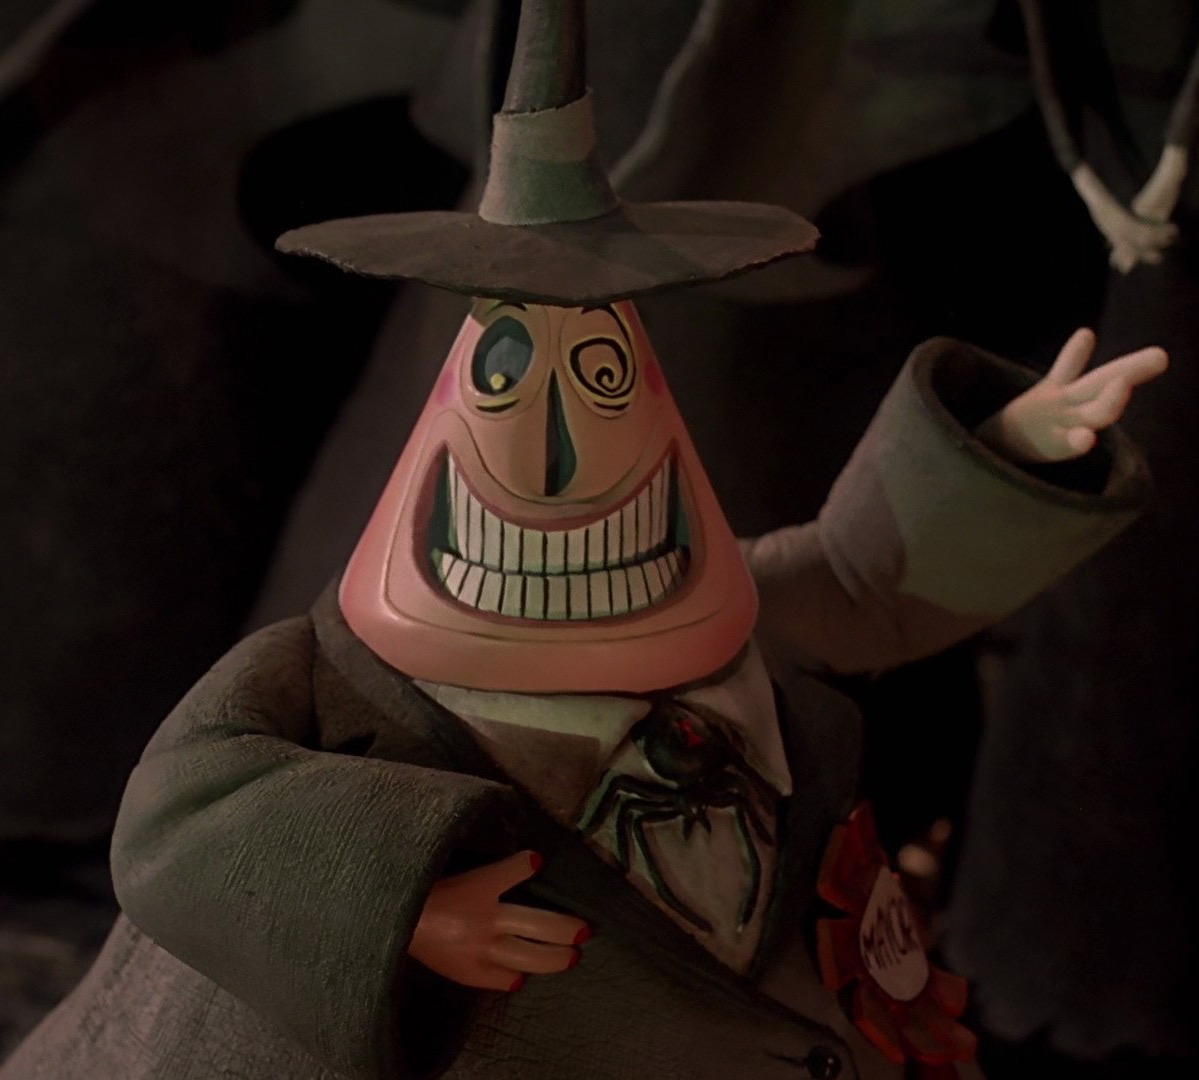 Mayor Of Halloween Town Disney Wiki Fandom Mayor disney (nightmare before christmas) #807. mayor of halloween town disney wiki